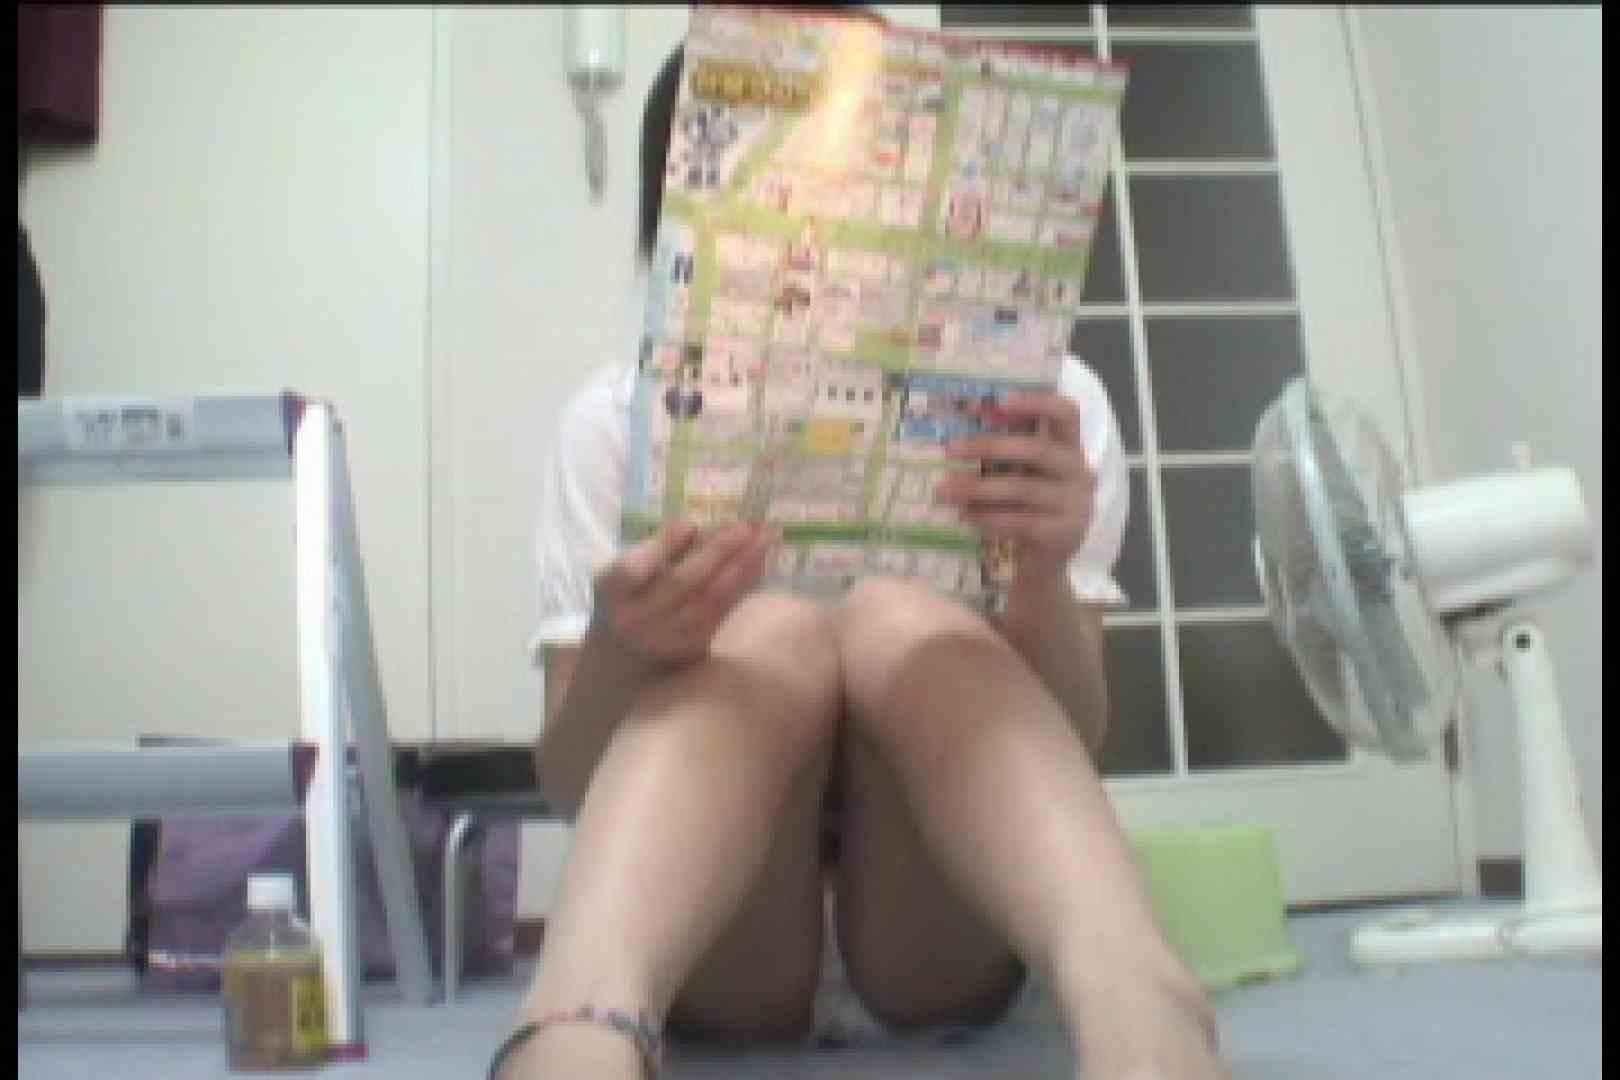 パンツ売りの女の子 むみちゃんvol.1 OLのエッチ | 一般投稿  65pic 55